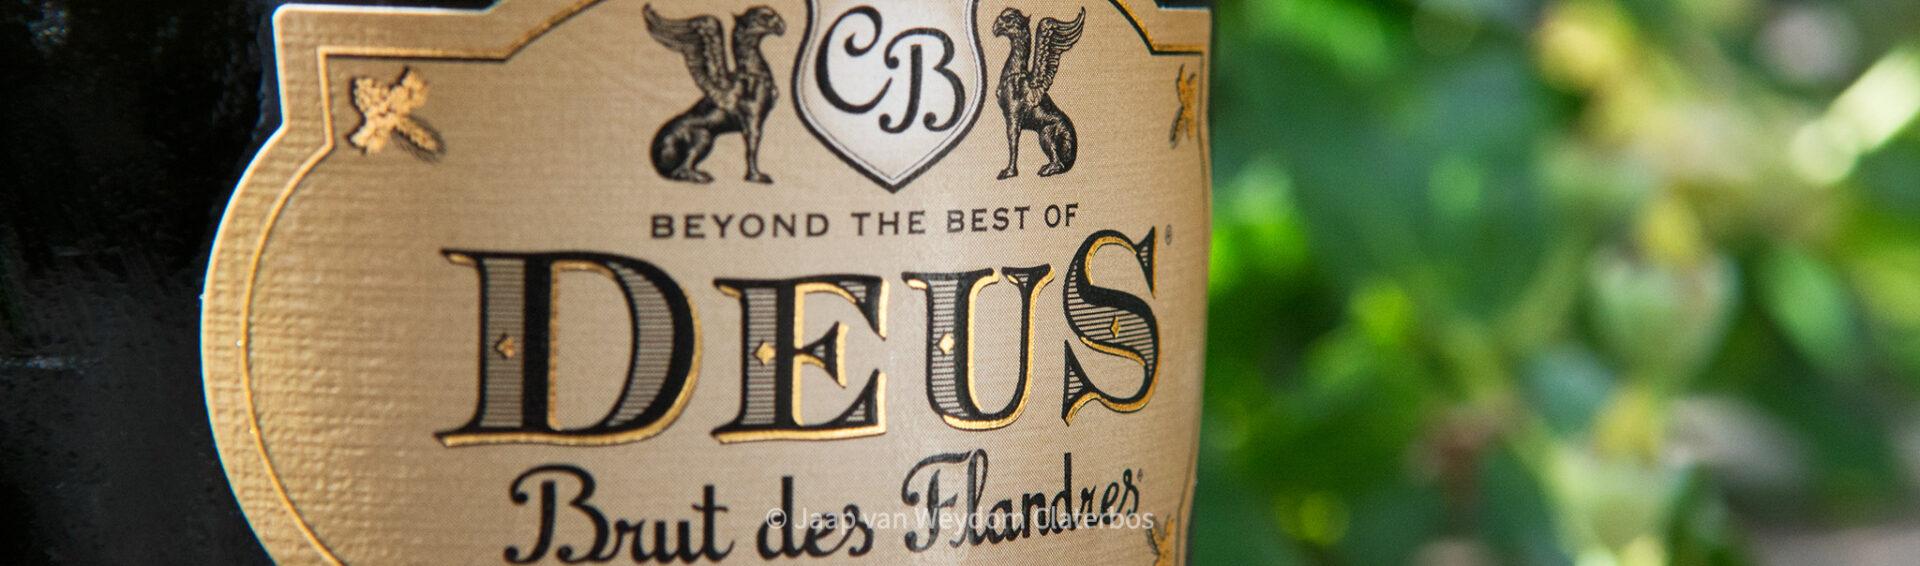 Deus Brut des Flandres, brouwerij Bosteels